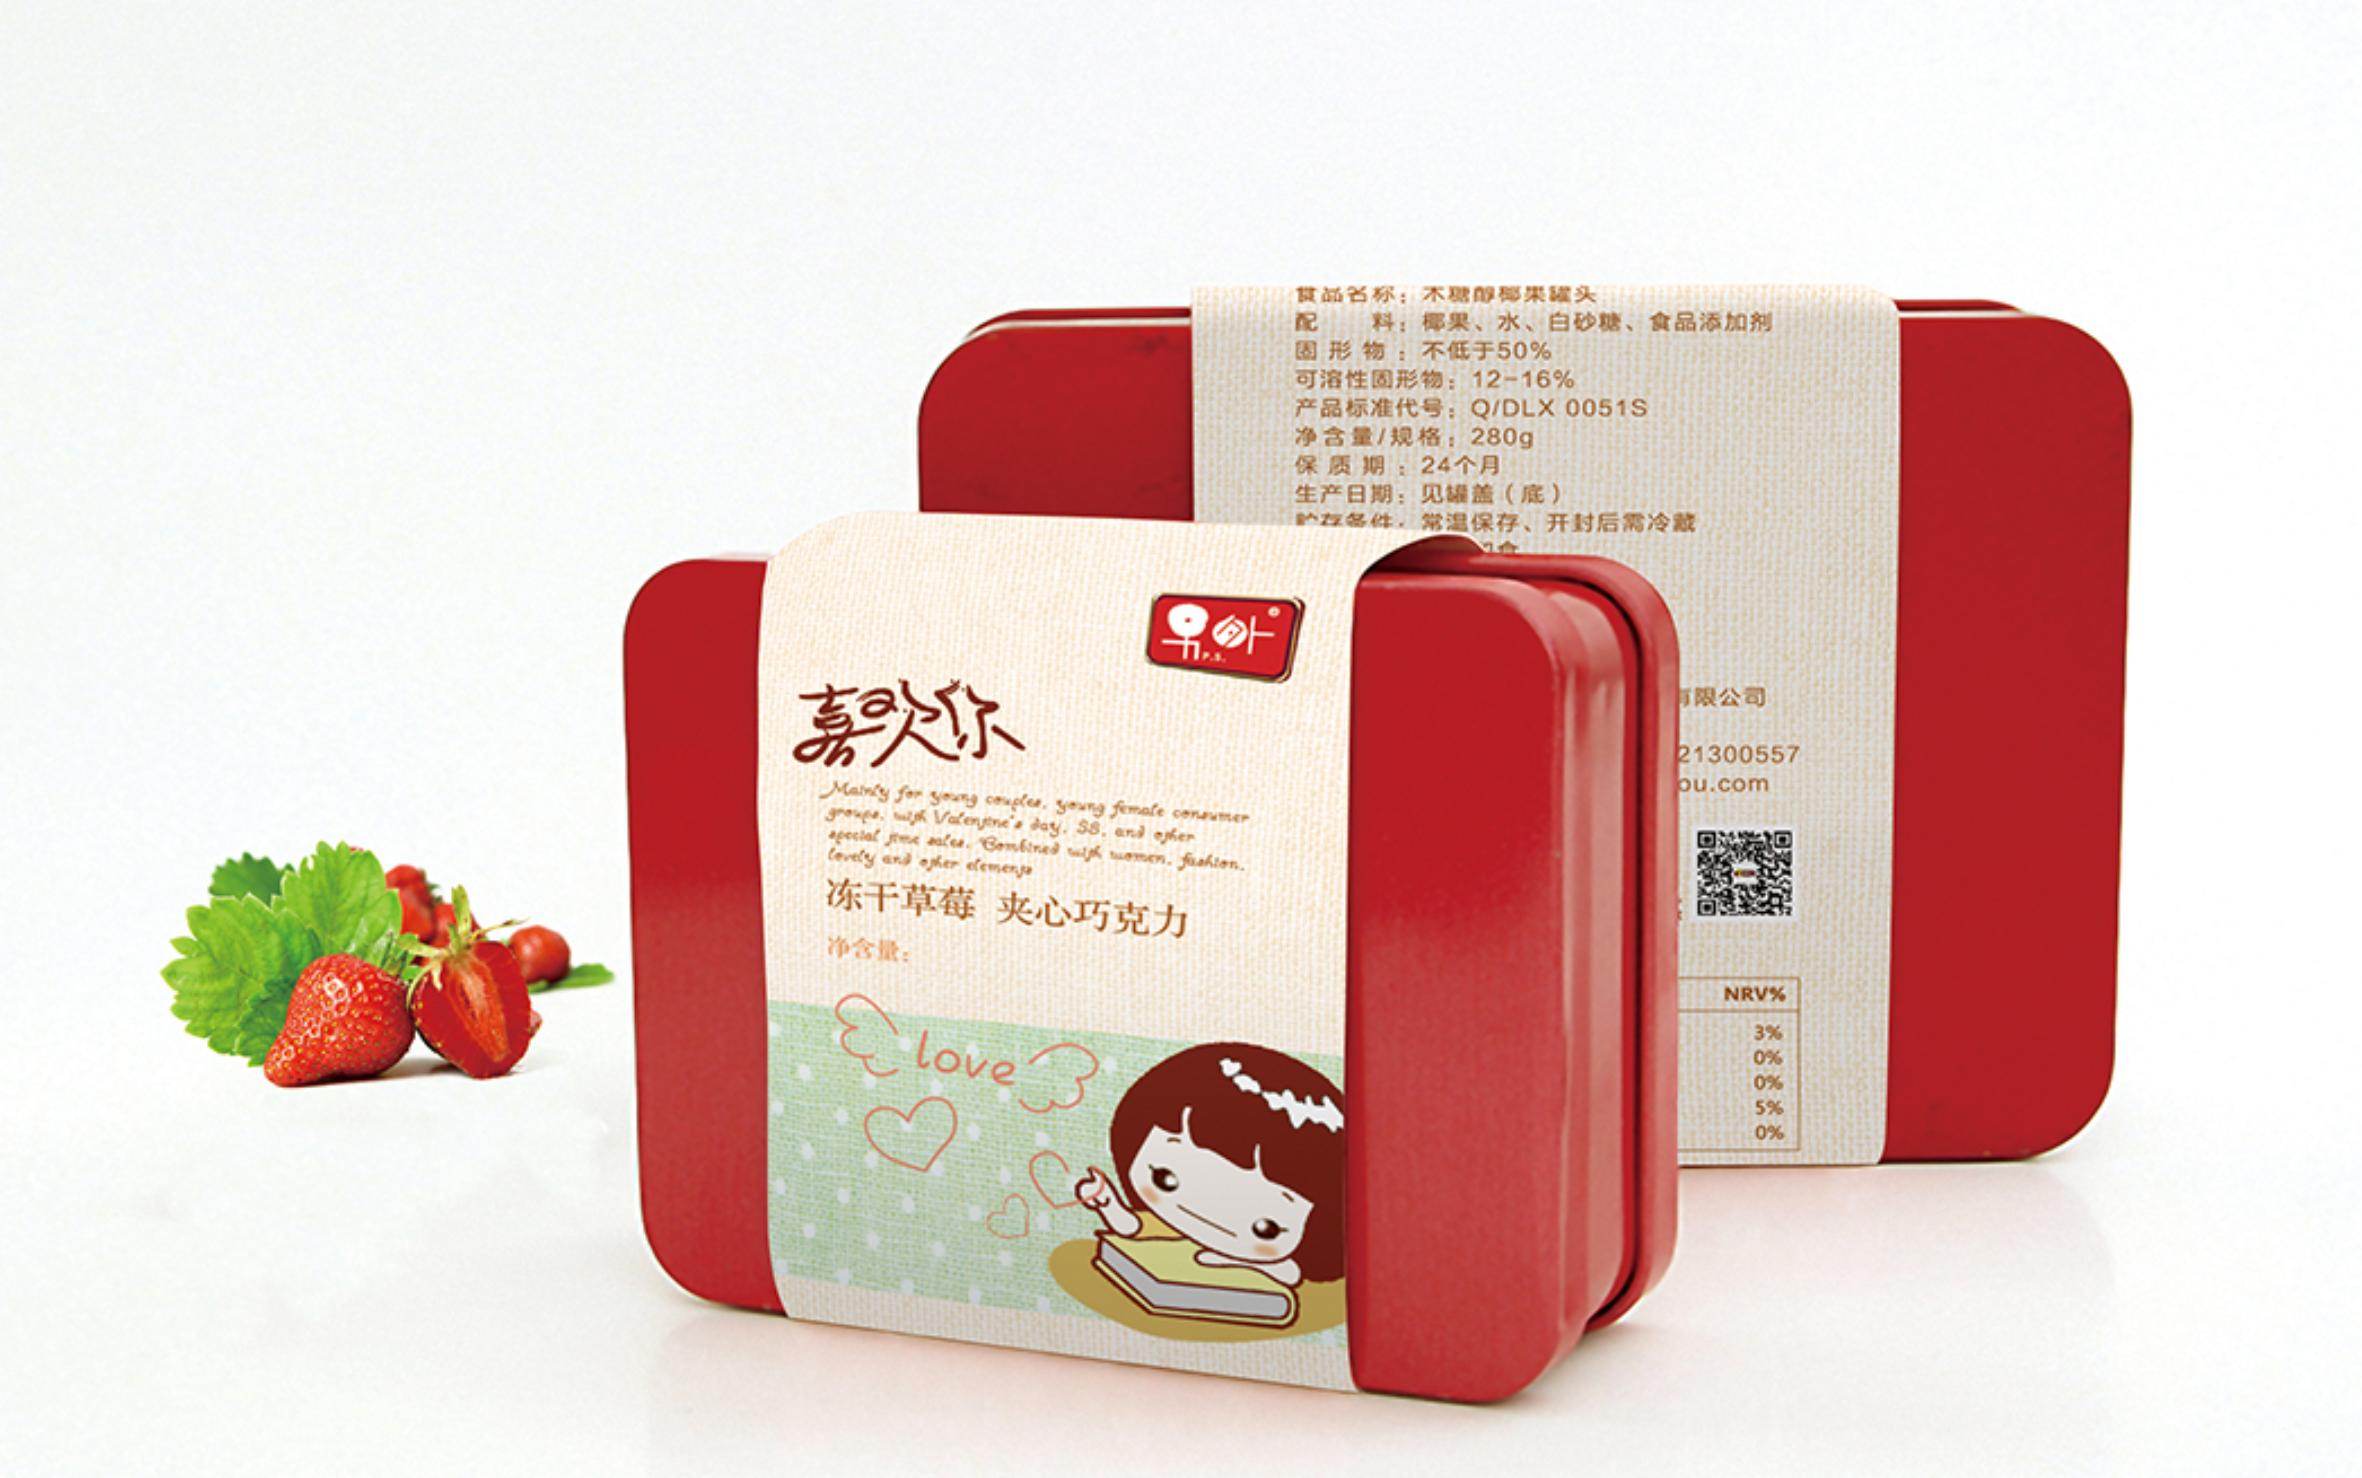 包装瓶贴设计红酒药品食品罐头瓶装调料饮料瓶贴绘画品牌标签设计